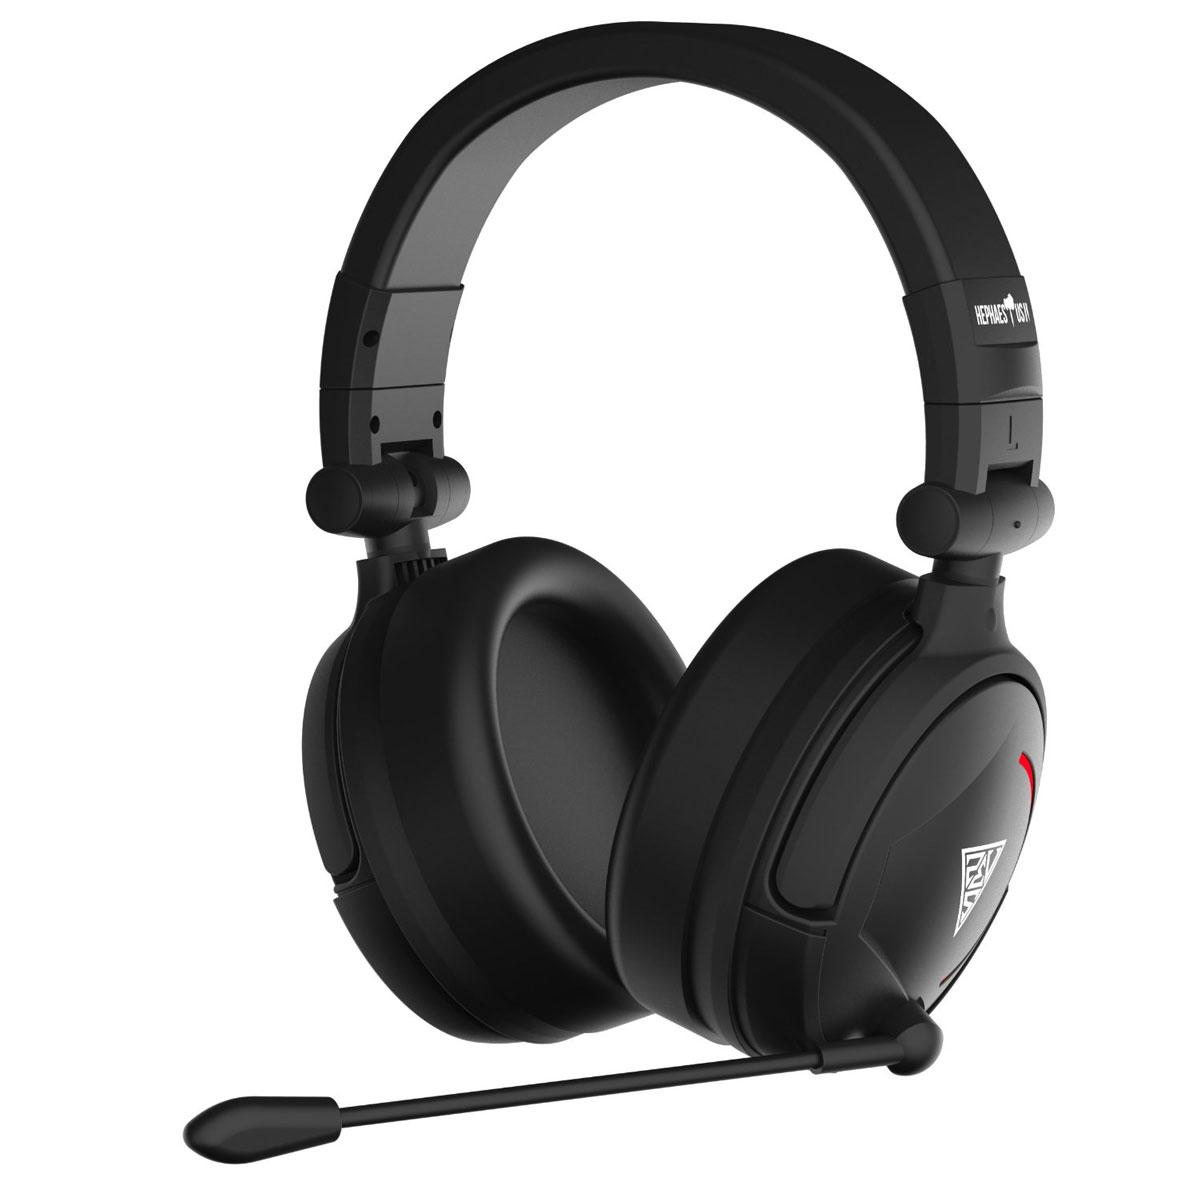 Gamdias Hephaestus V2 7.1 игровые наушникиGHS3510USB-гарнитура Gamdias Hephaestus V2 с объемным звучанием 7.1, вибрацией и красной дышащей подсветкой. Виртуальный объемный звук и драйверы с неодимовыми магнитами обеспечивают непревзойденное качество звука с четким звуковым позиционированием. Микрофон может быть зафиксирован в любой удобной позиции. Оснащен технологией шумоподавления, препятствующей попаданию посторонних звуков в голосовой канал. Удобное управление громкостью и возможность включения/отключения микрофона во время игры. 50-миллиметровые динамики обеспечивают непревзойденное качество звука с идеальным балансом высоких и низких частот. Низкие частоты преобразуются в пульсацию, равномерно распределяемую по амбушюрам, чтобы дать возможность почувствовать звук.